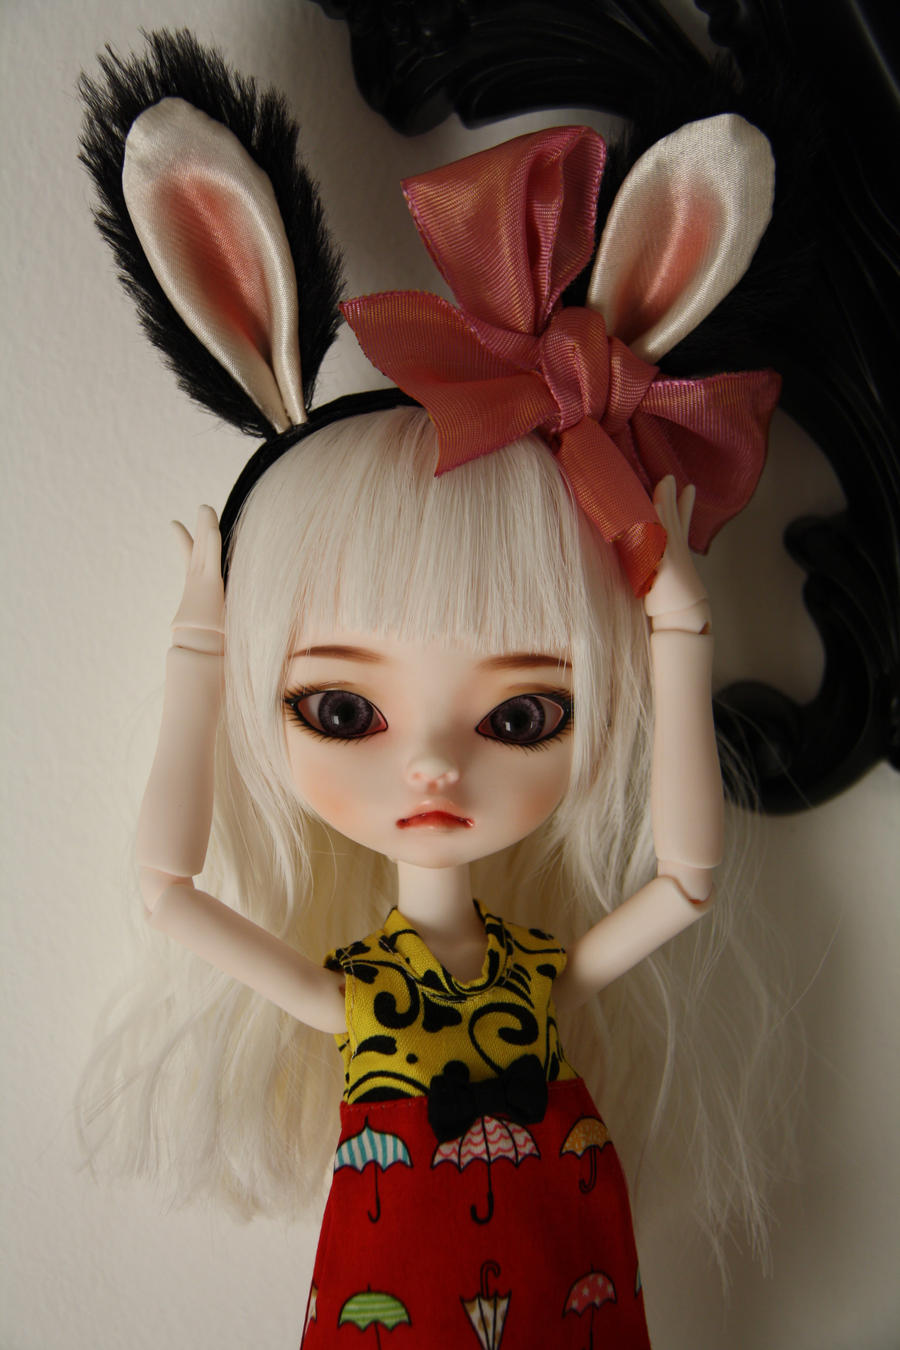 Lana, Dim Doll Trisha 3 by spiti84